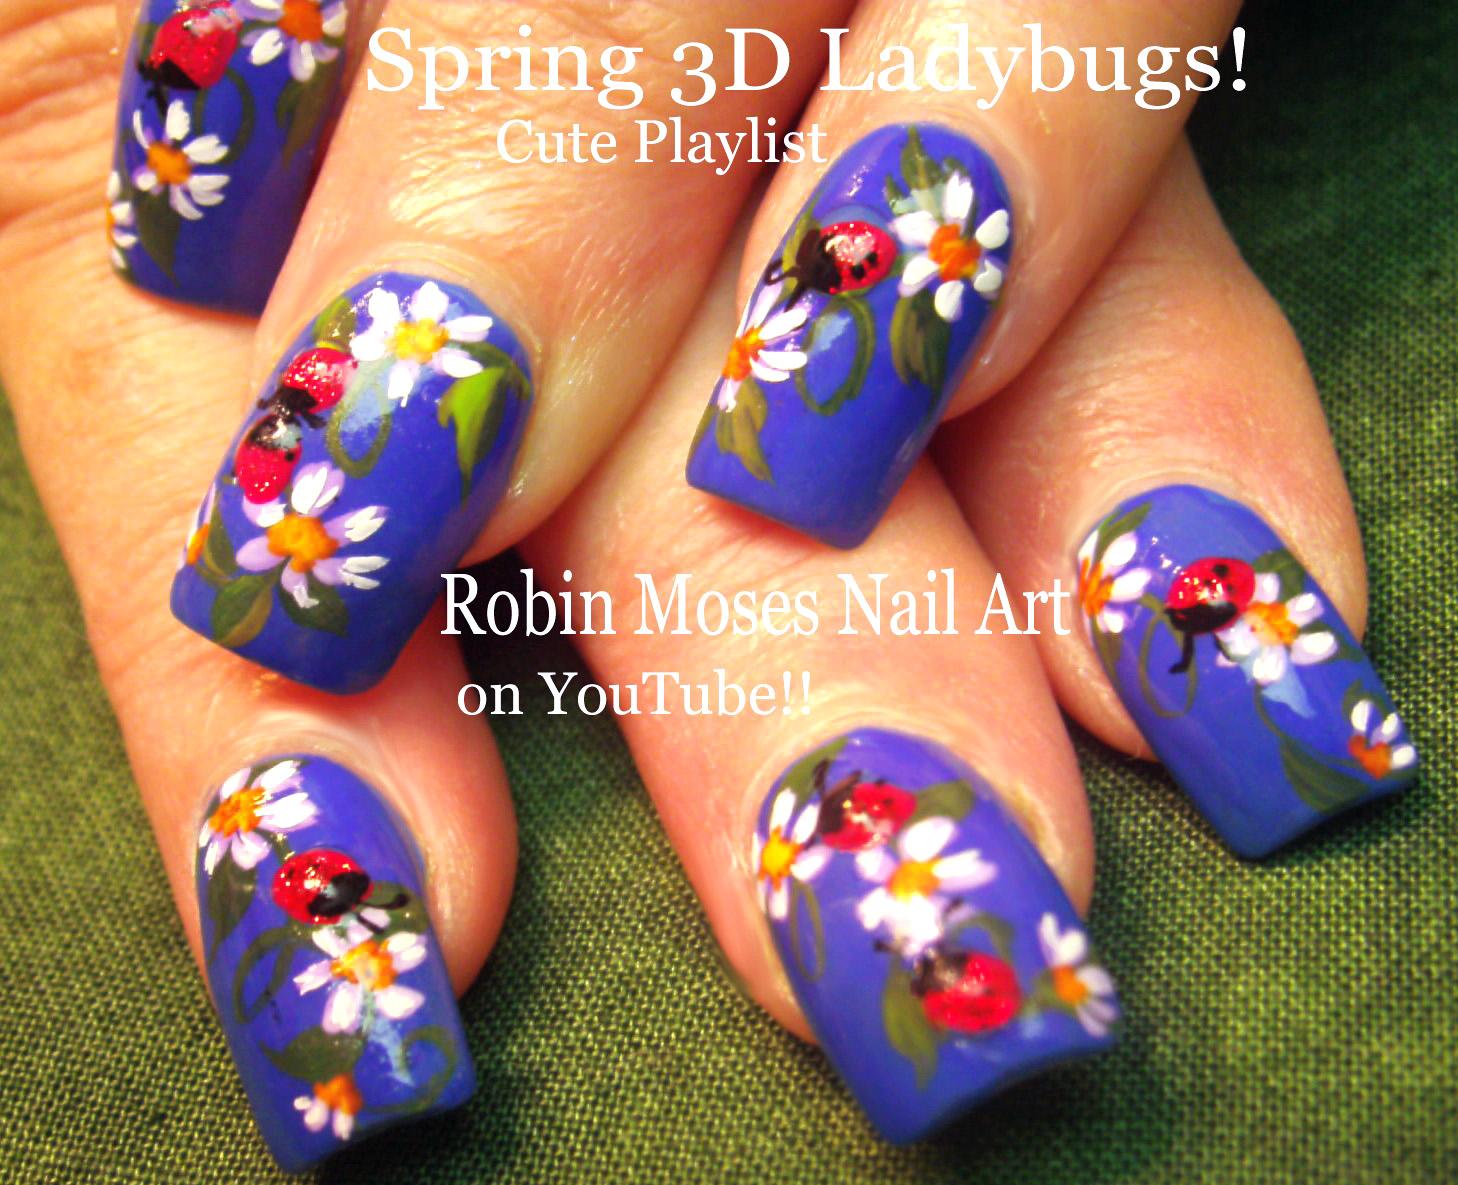 Robin Moses Nail Art: Ladybug Nail Design Tutorial